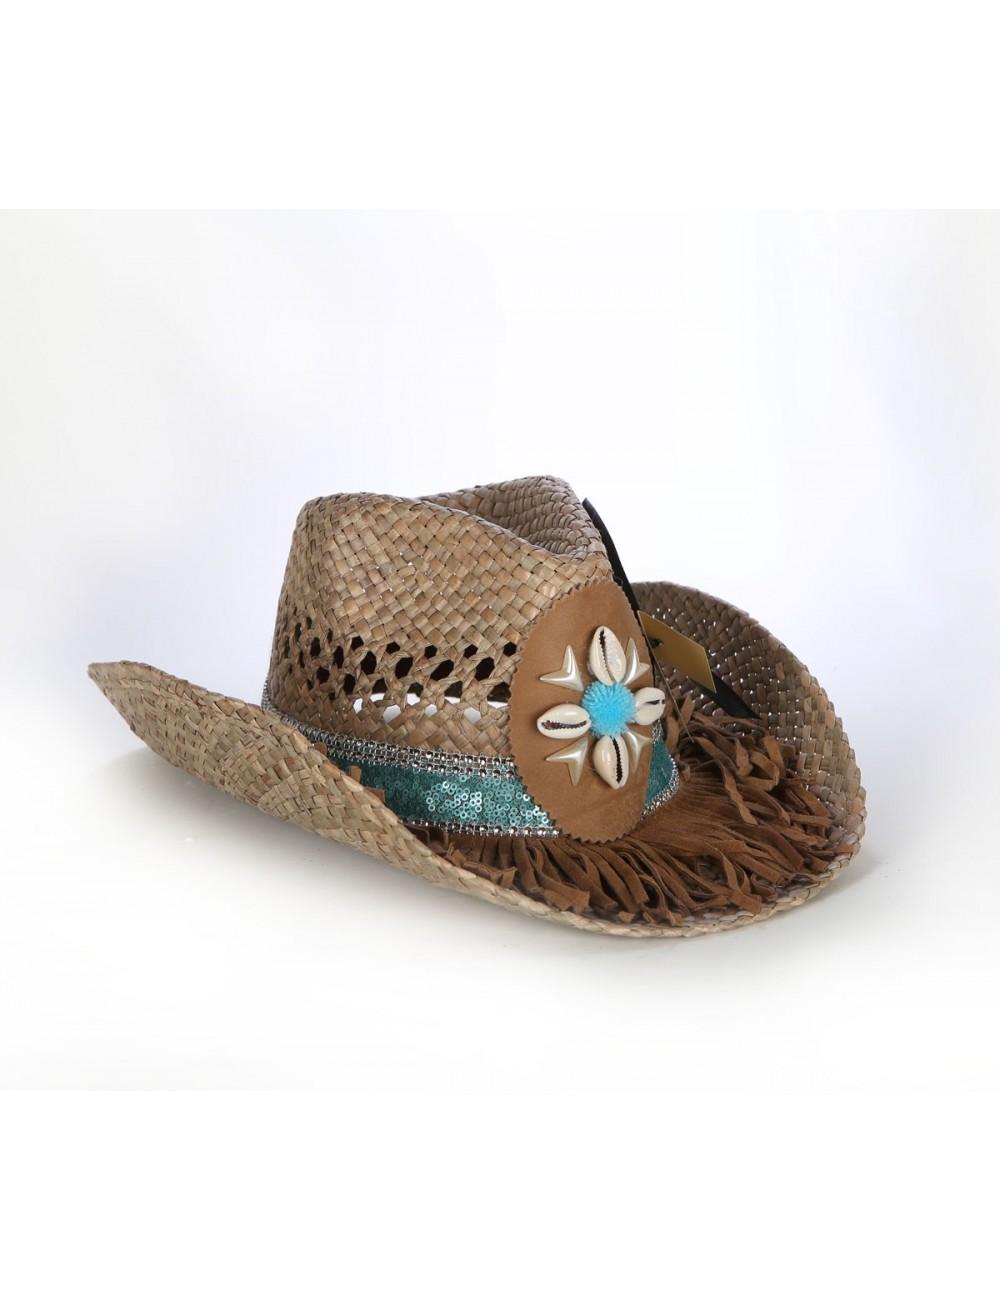 Chapeau de paille western turquoise